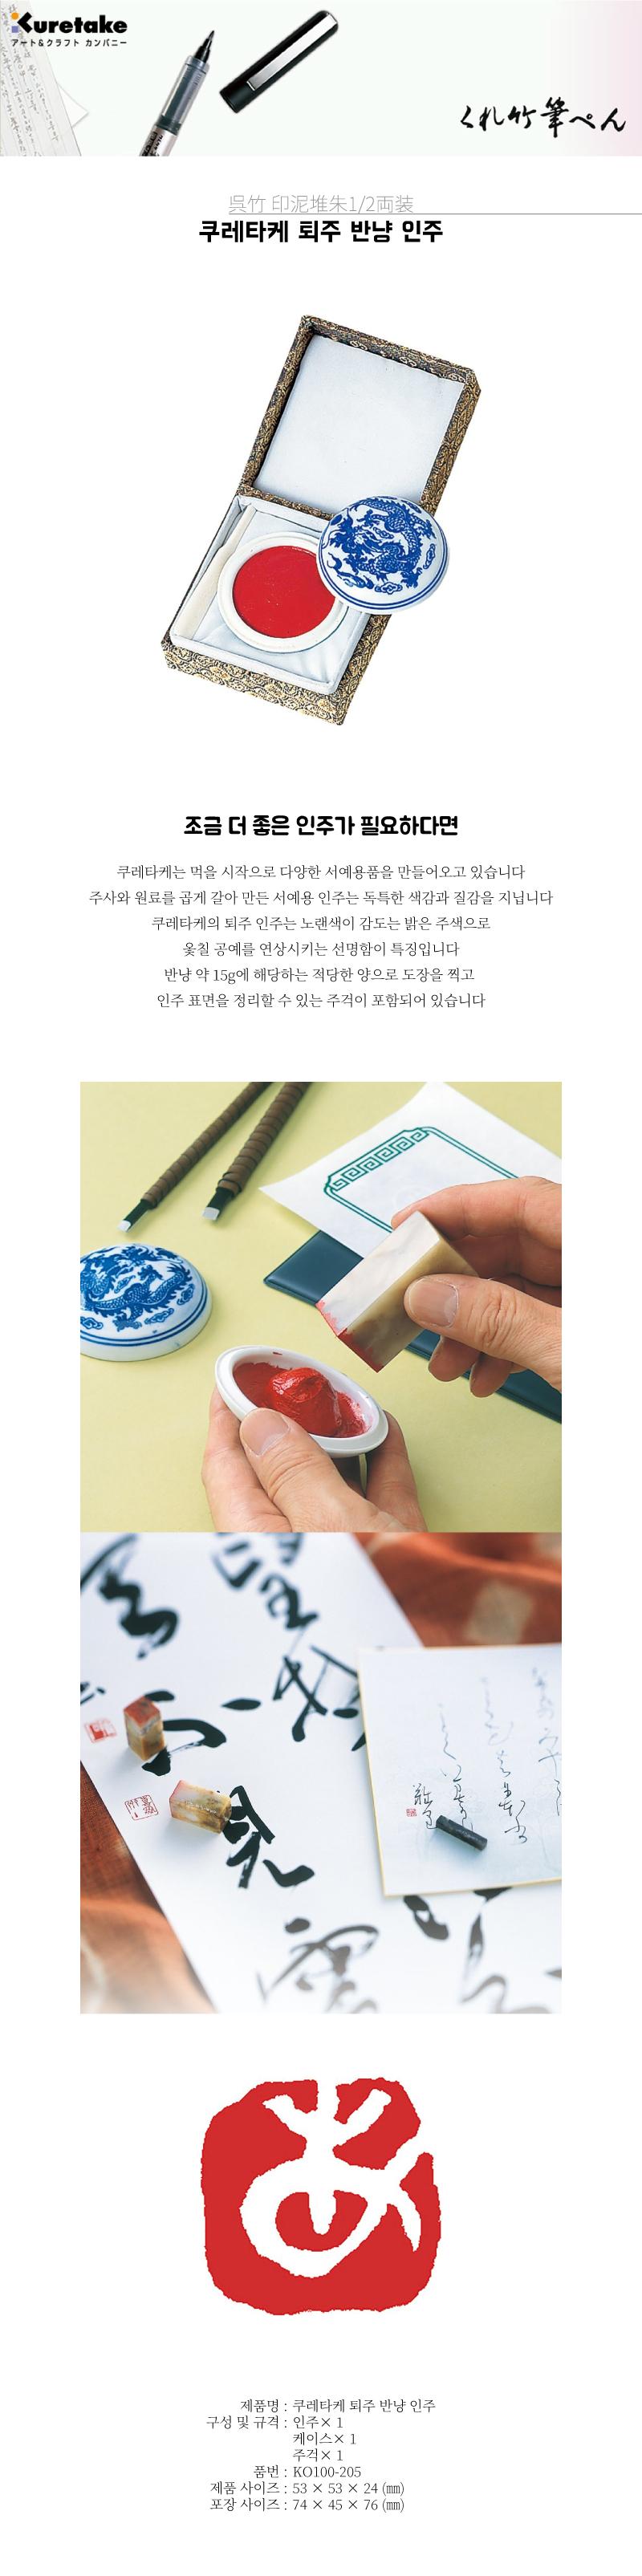 쿠레타케 지그 퇴주 반냥 인주 - 쿠레타케, 38,000원, 서예/동양화재료, 동양화물감